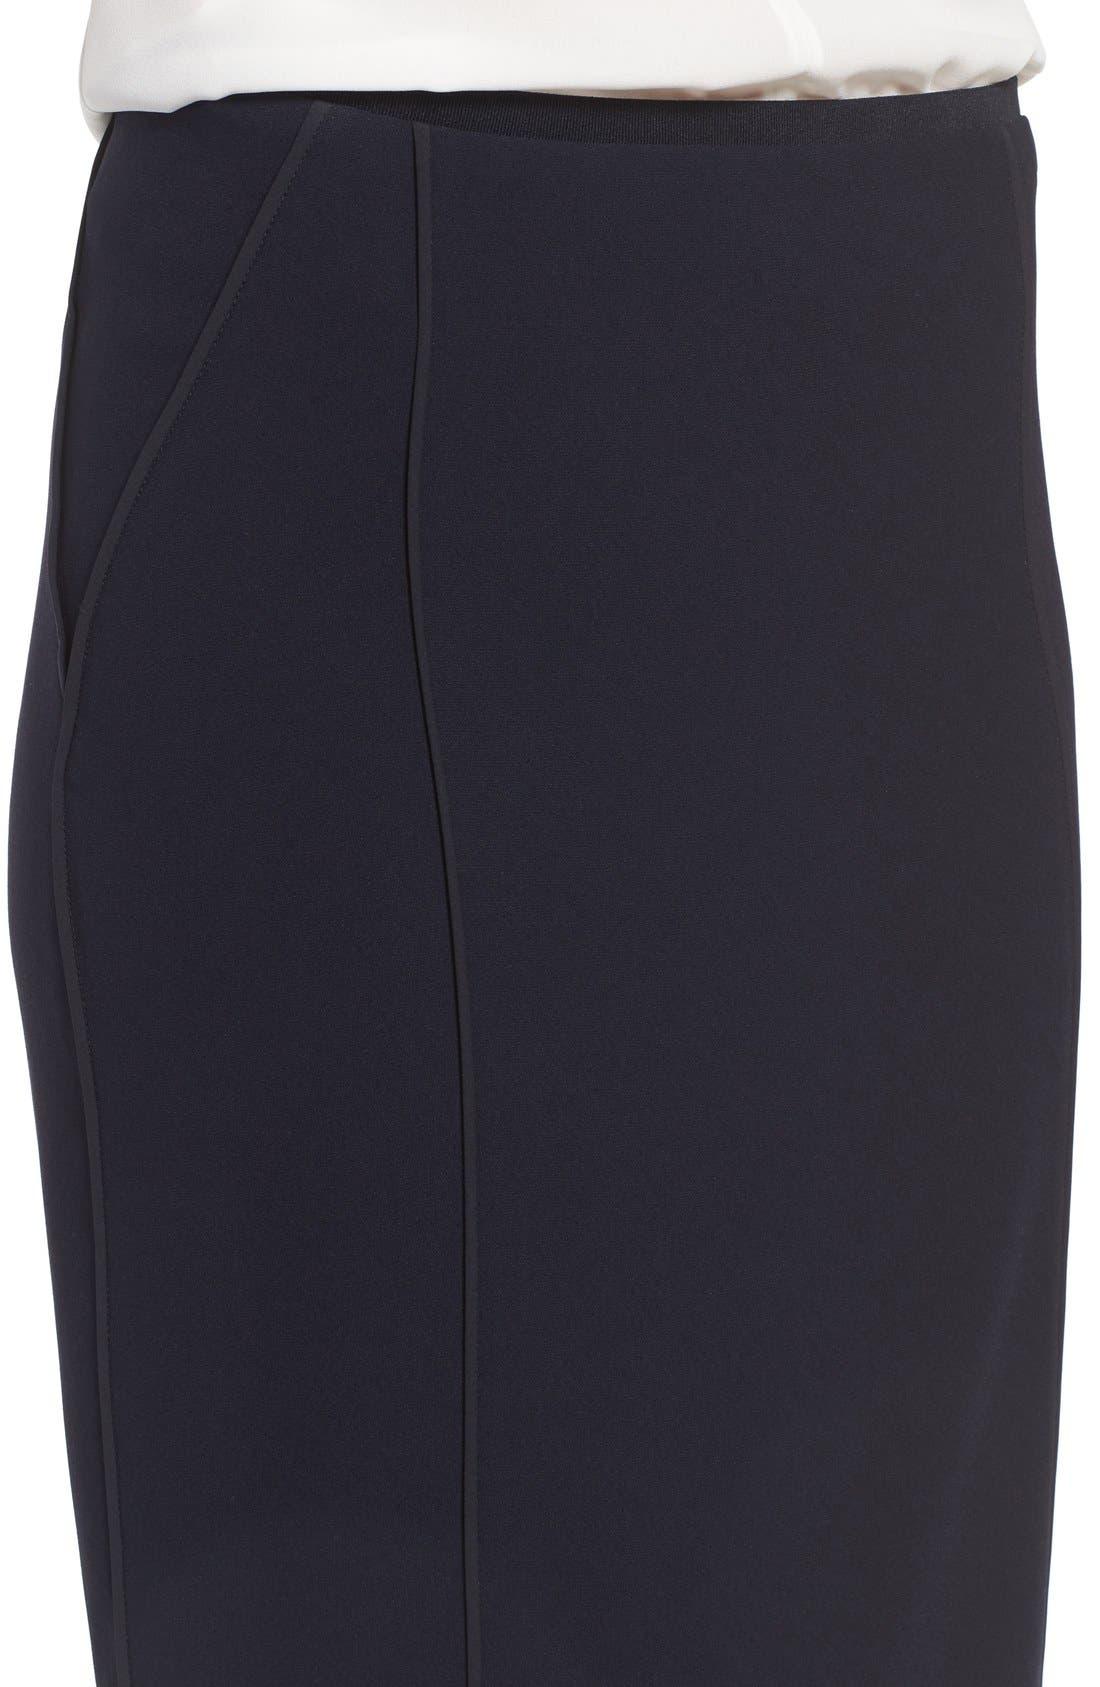 Alternate Image 4  - Elie Tahari 'Jasper' Pencil Skirt